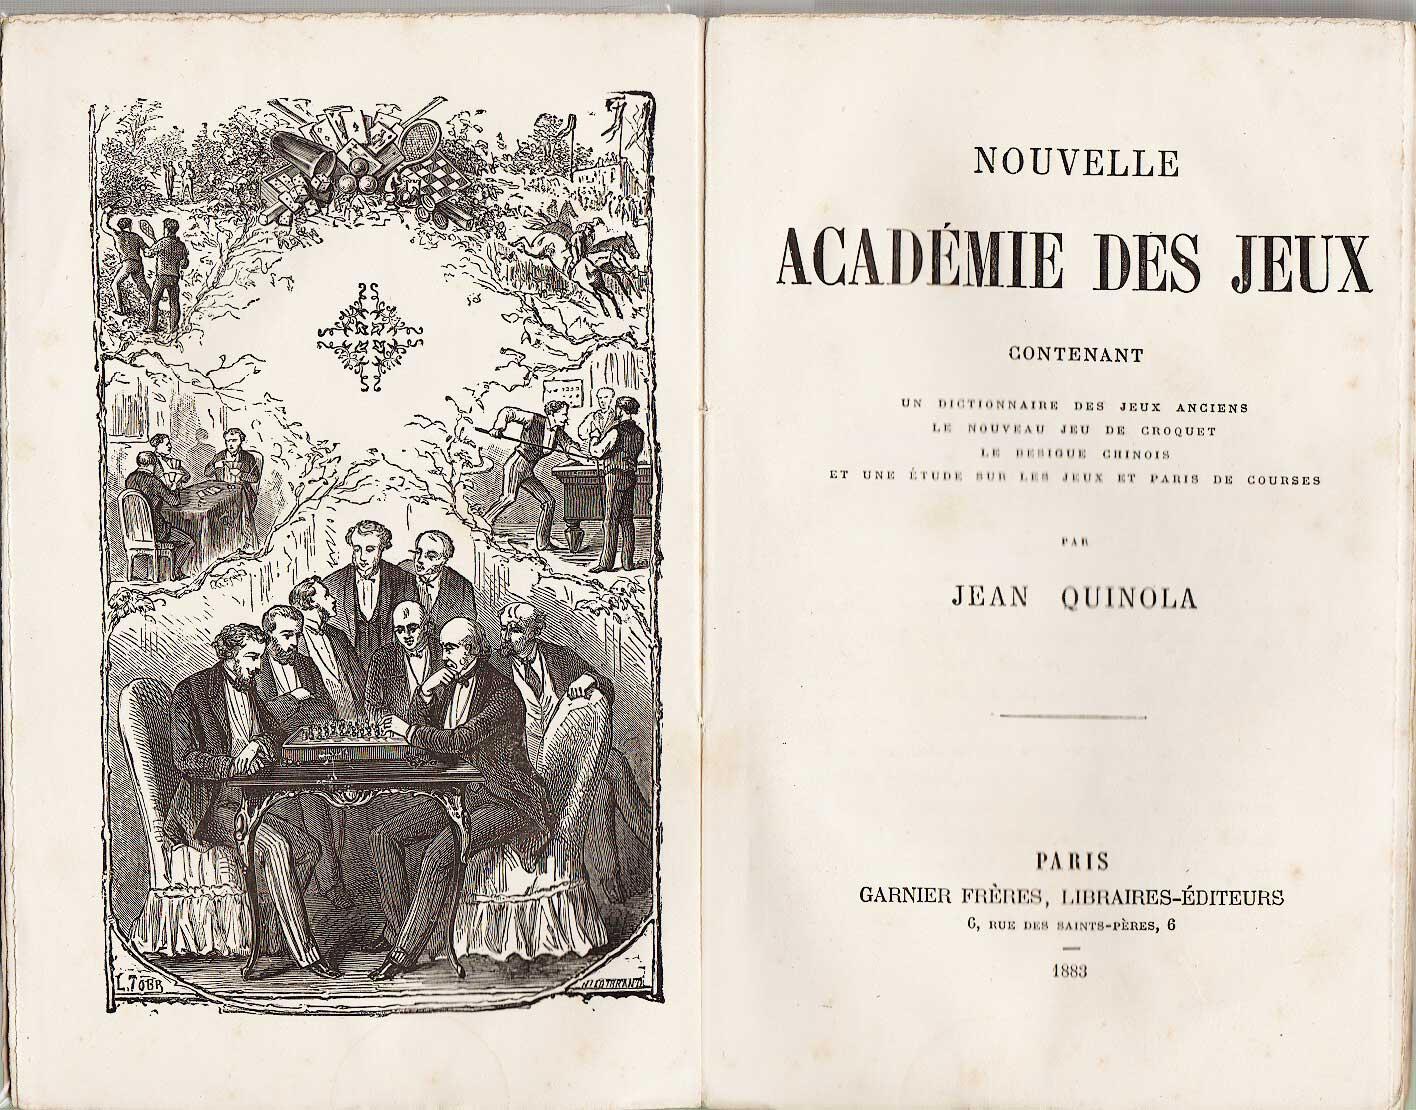 1883 j quinola nouvelle academie des jeux xix - Course de chevaux table de multiplication ...